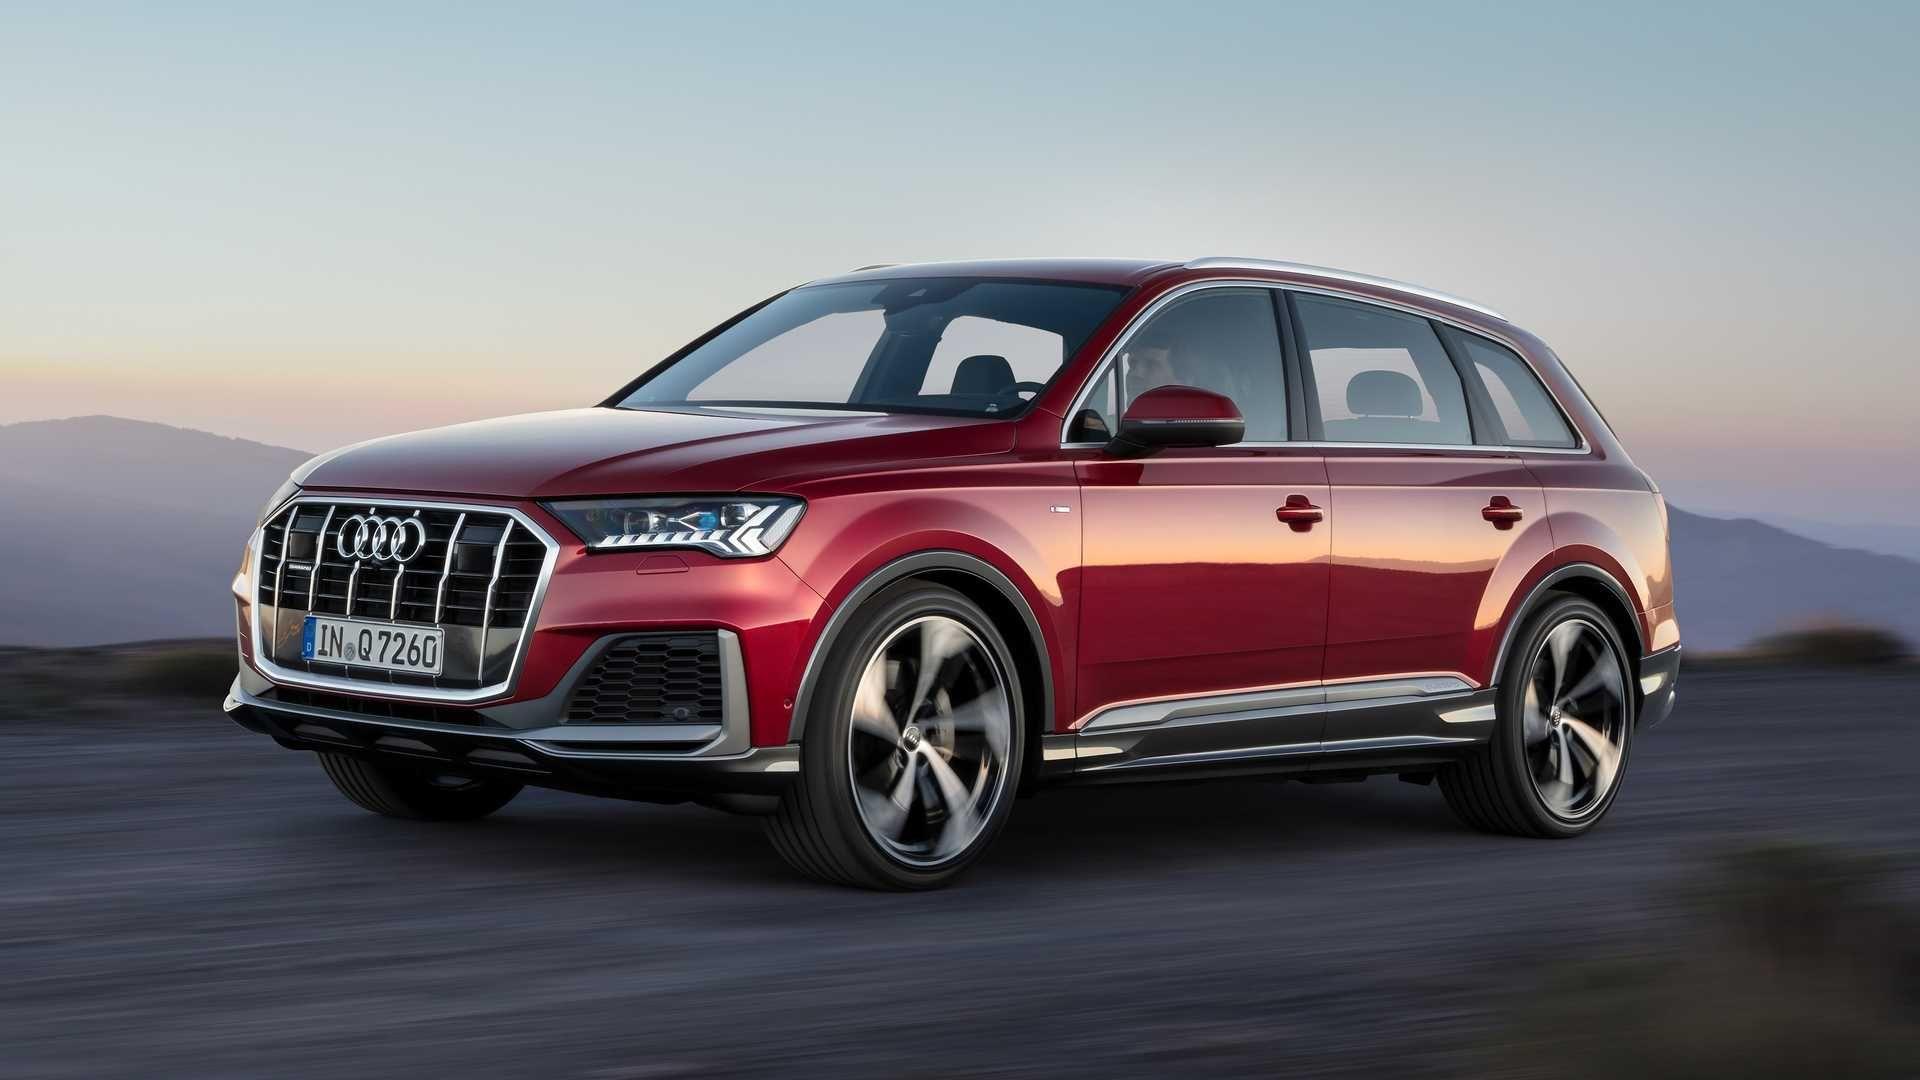 2020 Audi Q7 Release Date di 2020 Audi a4, Audi, Drive